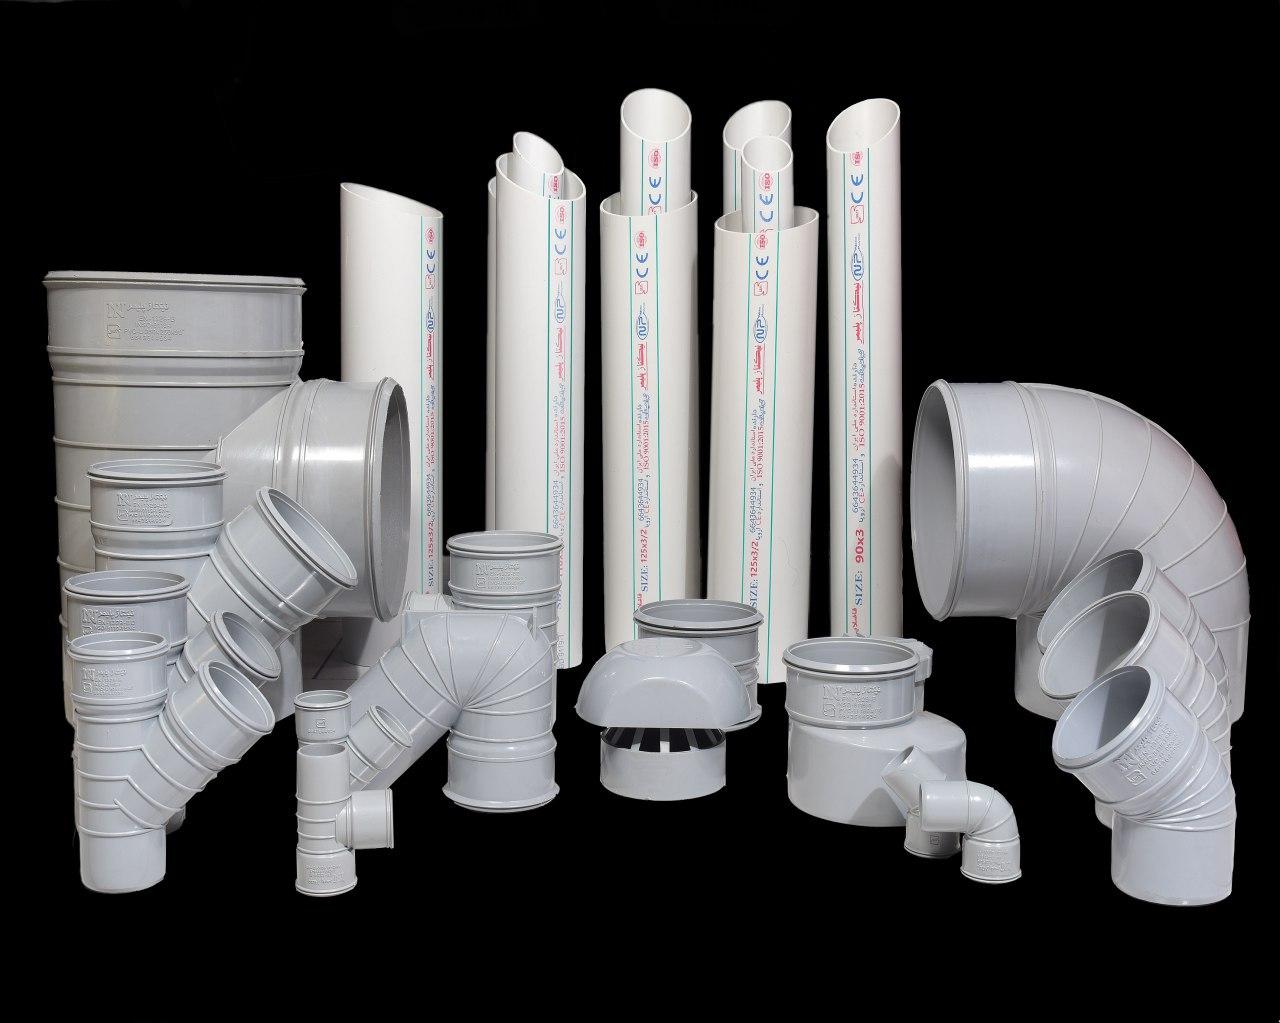 اتصالات PVC (پلیکا) چیست